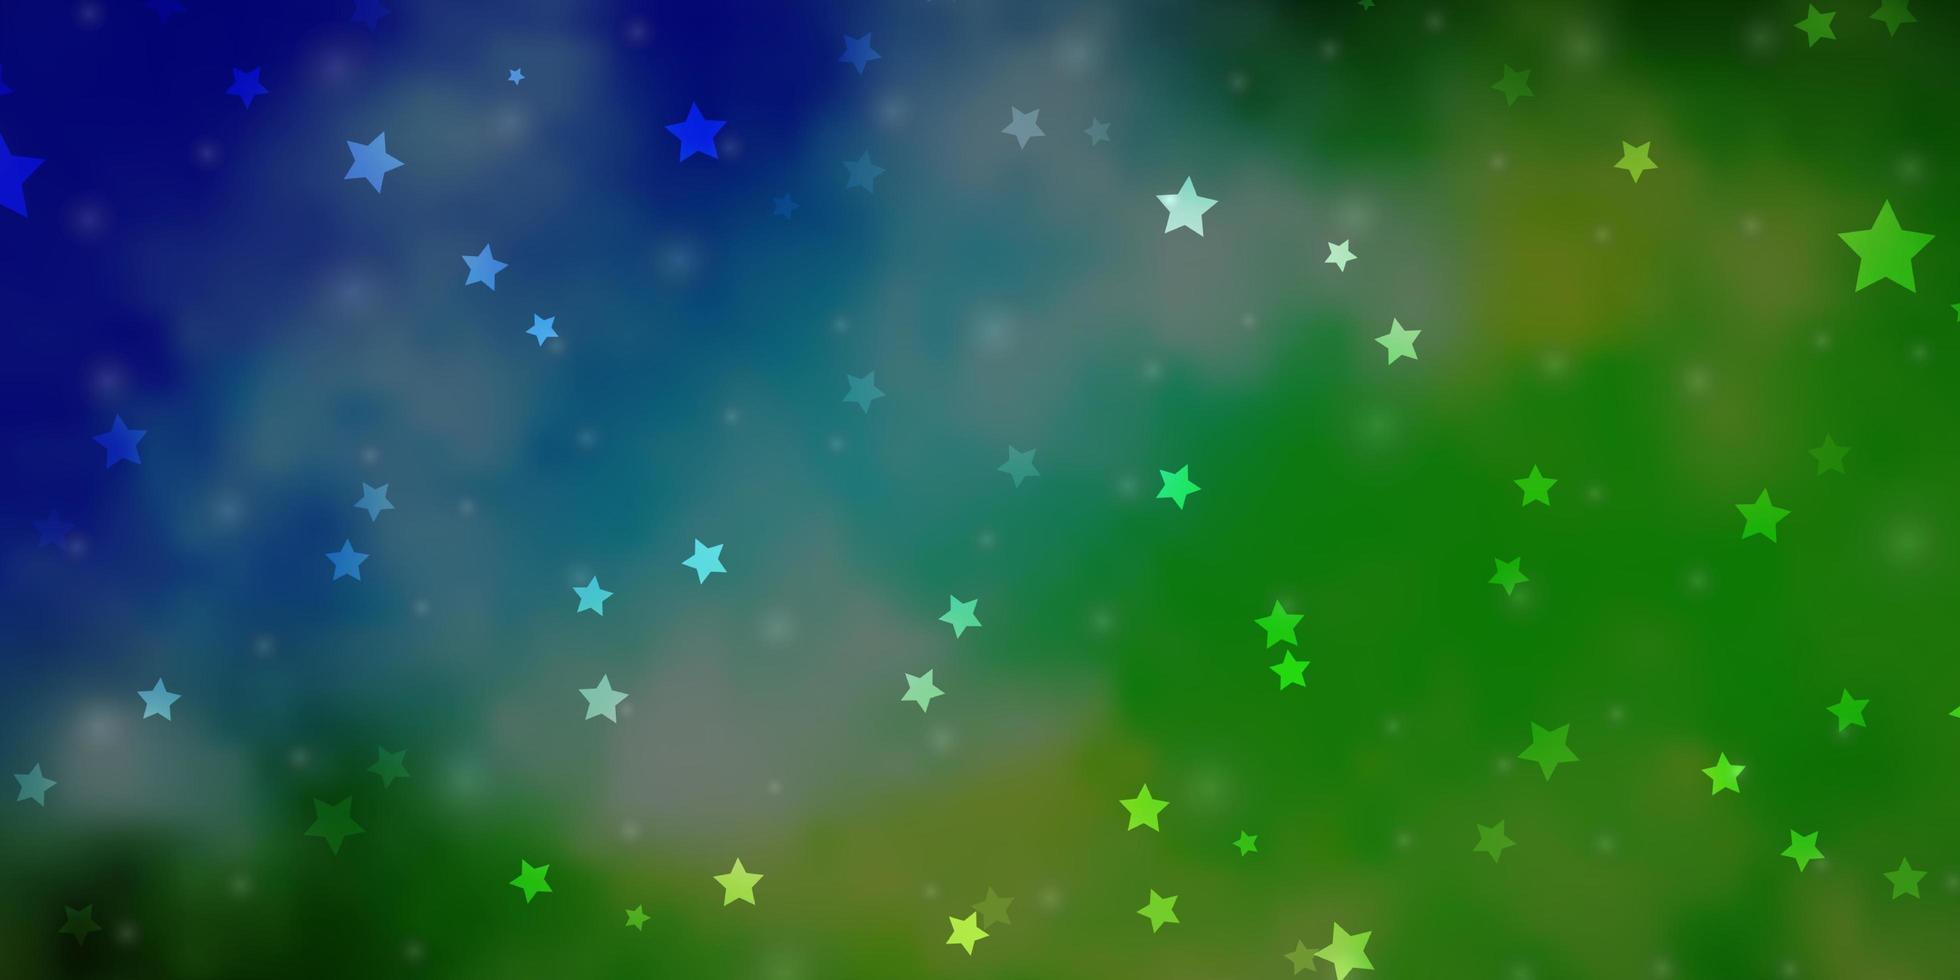 hellblaues, grünes Vektorlayout mit hellen Sternen. vektor